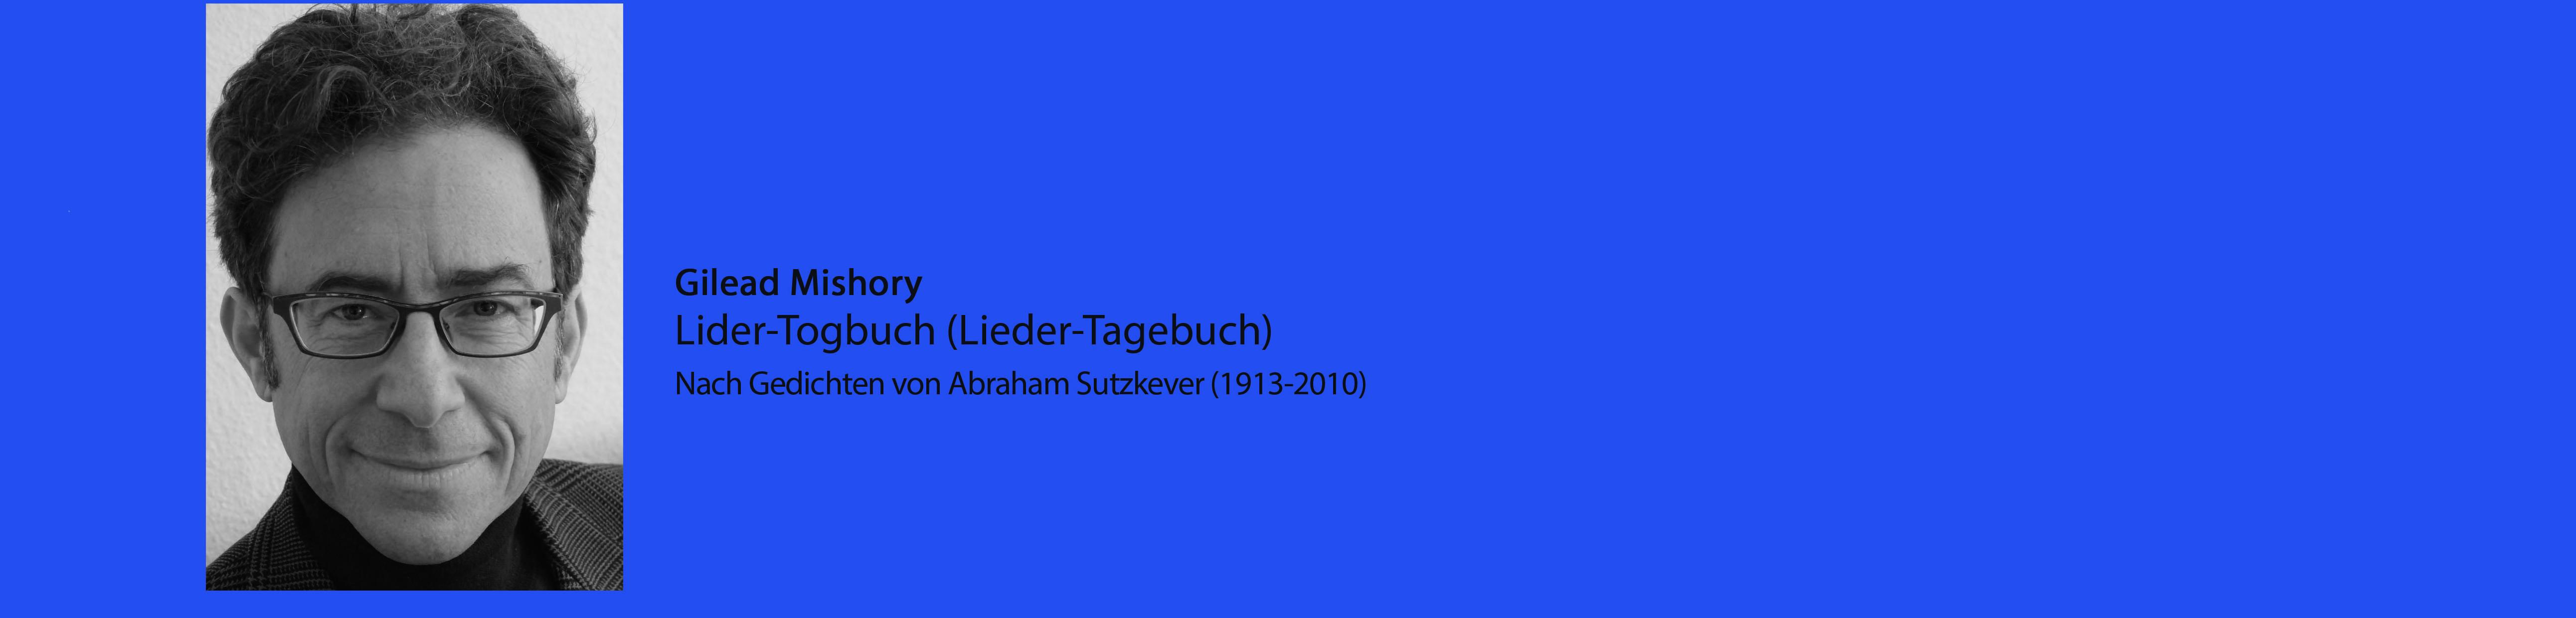 Breisach_Lider-Togbuch (Liedertagebuch) nach Gedichten von Abraham Sutzkever